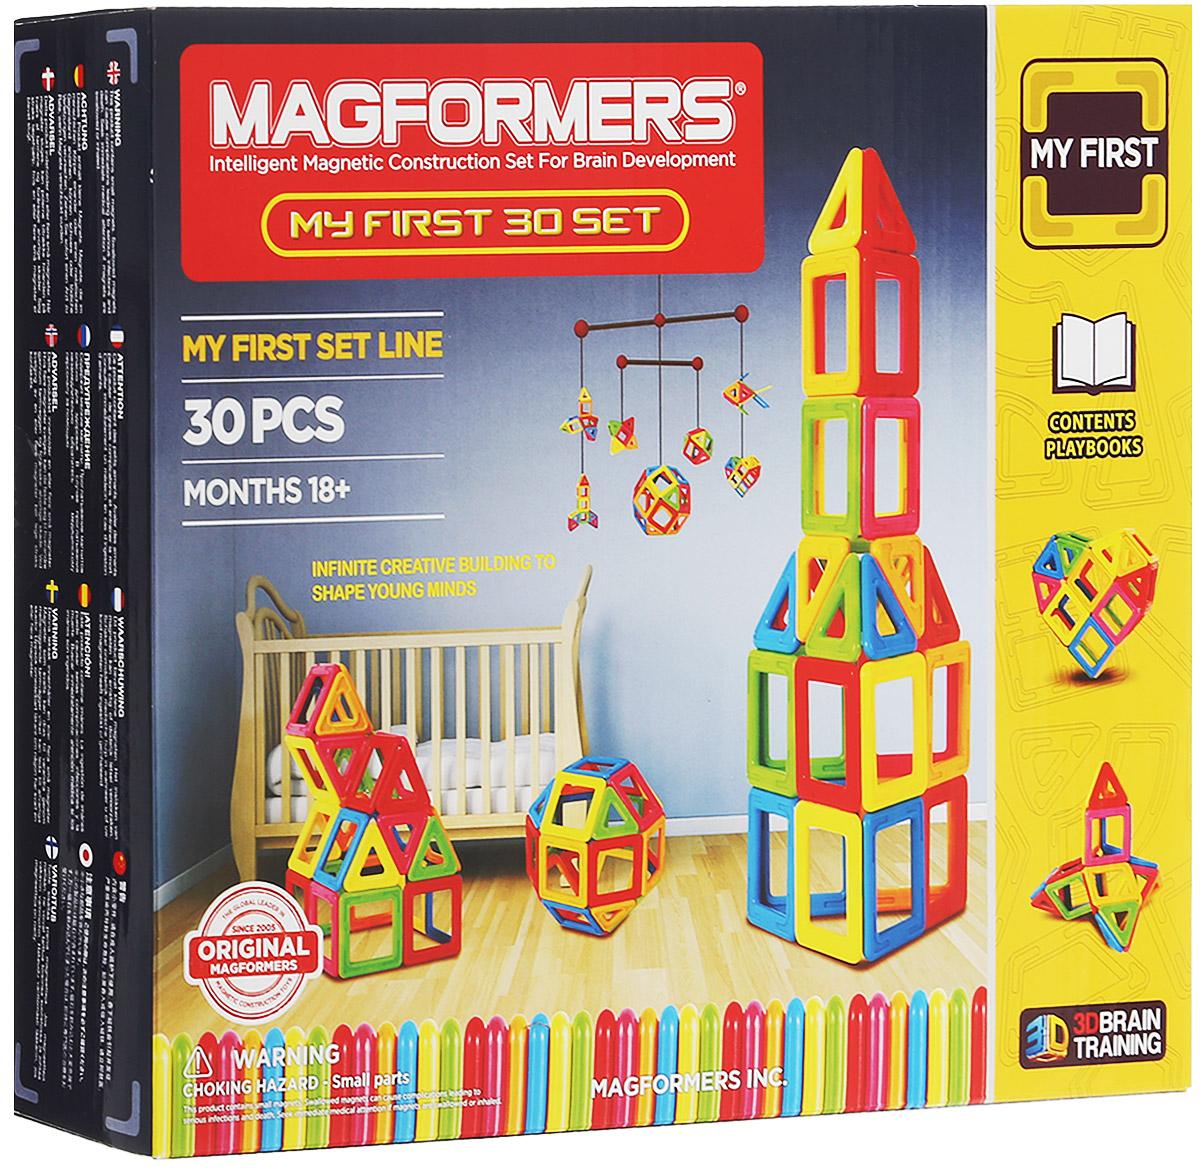 Magformers Магнитный конструктор My First 3063107/702001В производстве деталей магнитного конструктора Magformers My First 30 используется особо прочный пластик, устойчивый к механическим повреждениям. Именно этот конструктор, вместе с набором Magformers My First 54, получил возрастную категорию 0+ и может быть использован для игры детьми с рождения. Детали, которые вы можете увидеть в данном наборе, выполнены из непрозрачного пластика ярких цветов. Сначала ребенок может изучать сами детали: они крупные и не имеют острых углов и неровных краев, что исключает проглатывание или повреждение нежной кожи малышей. Вы можете создавать аппликации на плоскости, например, на холодильнике. А так как детали будут прилипать любой стороной, то у ребенка не будет сложностей с самостоятельным выполнением данного задания. С магнитным конструктором Magformers My First 30 вы сможете заниматься с вашим ребенком изучением цветов и геометрических форм в более старшем возрасте. Дальше можно переходить к изучению объемных фигур и созданию первых...